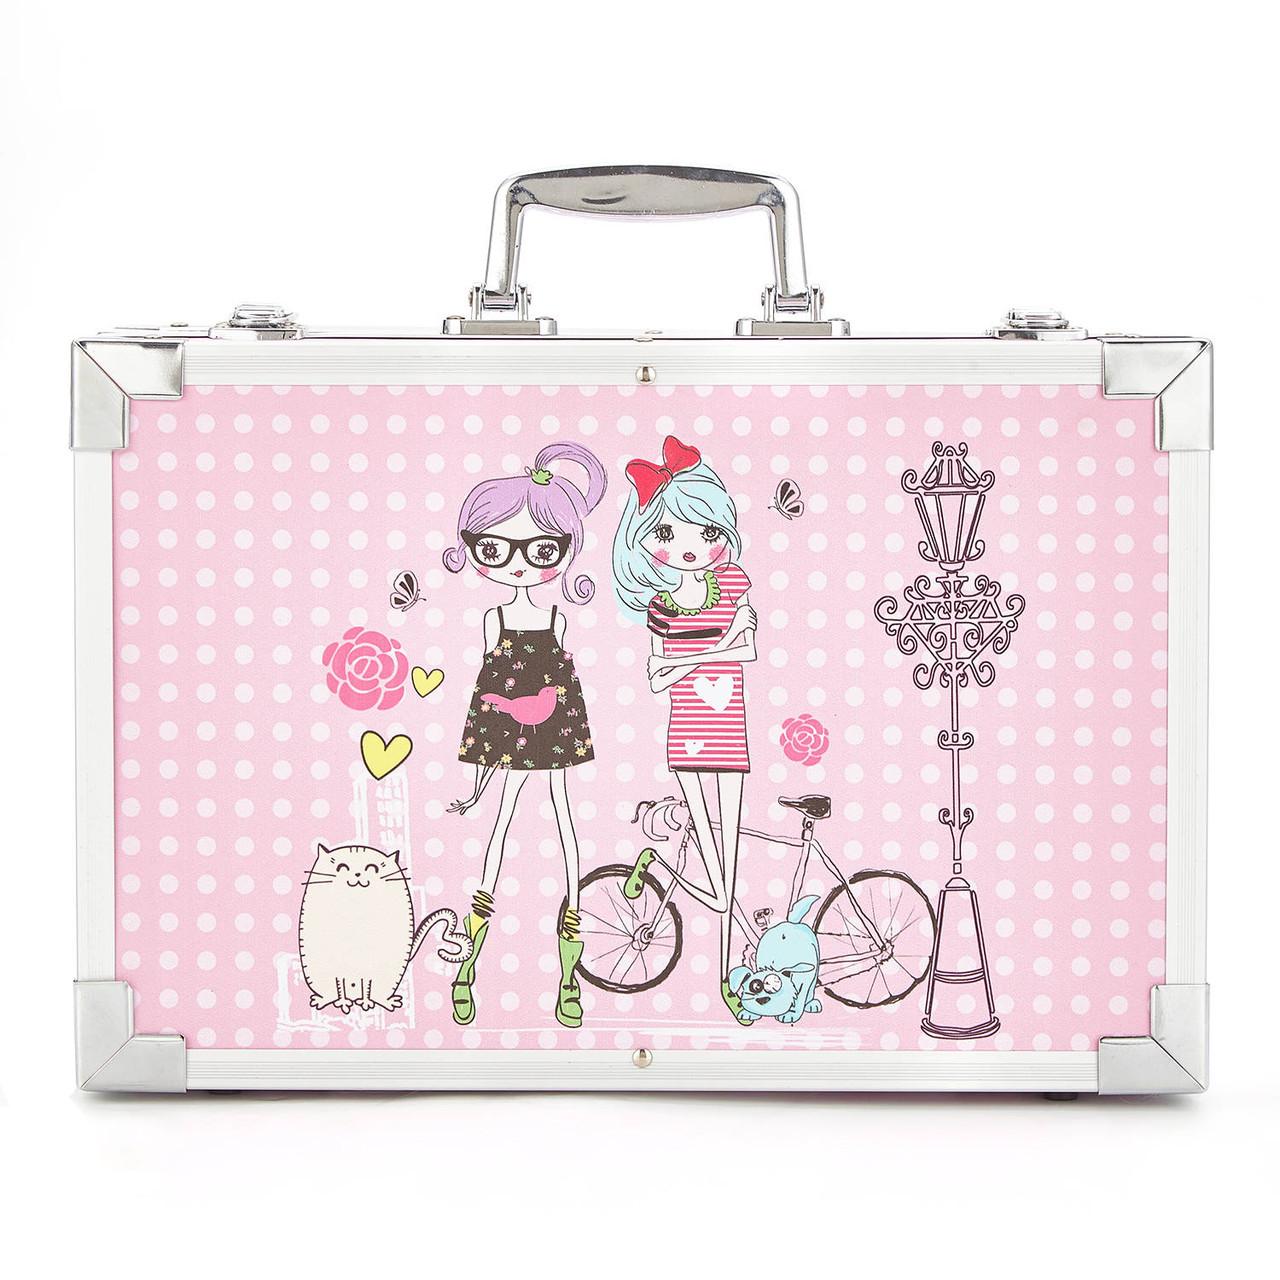 Набор для рисования в чемодане Amazecat, модель Pink girl